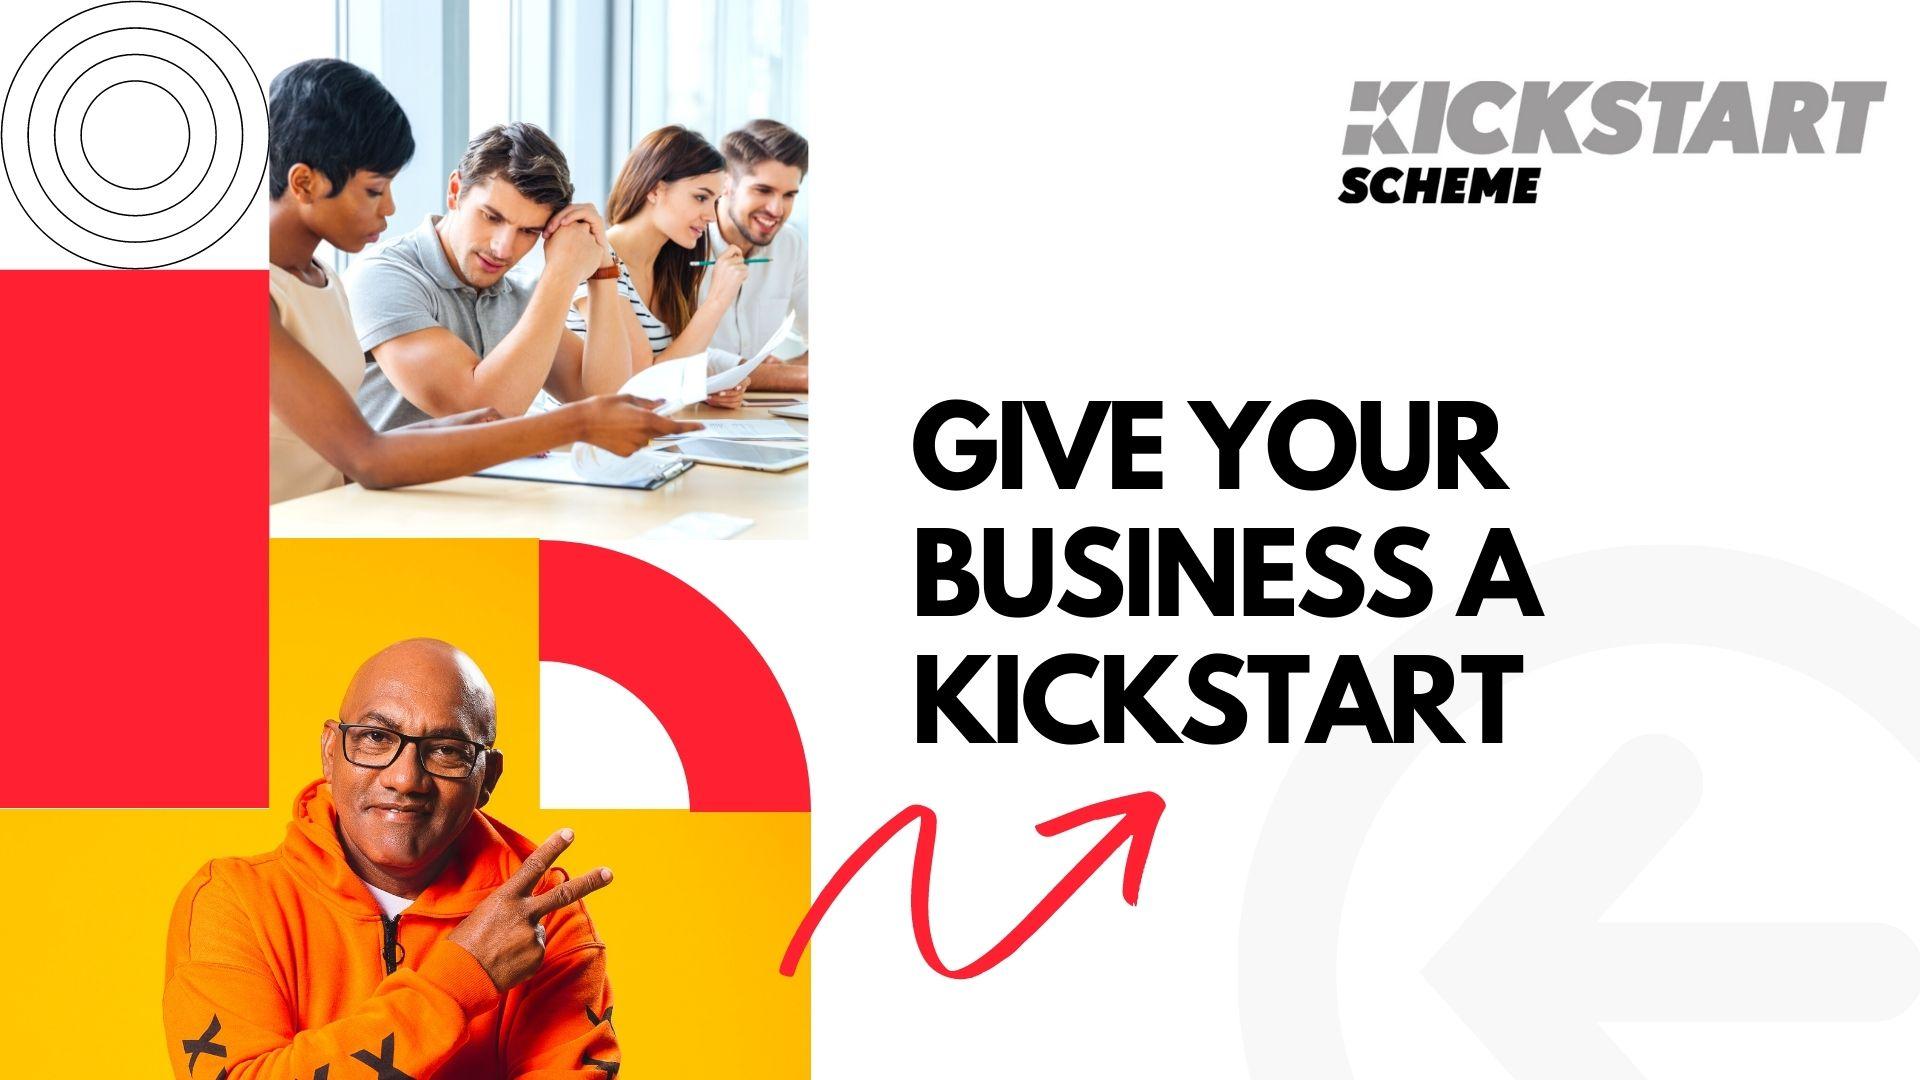 kickstart-scheme